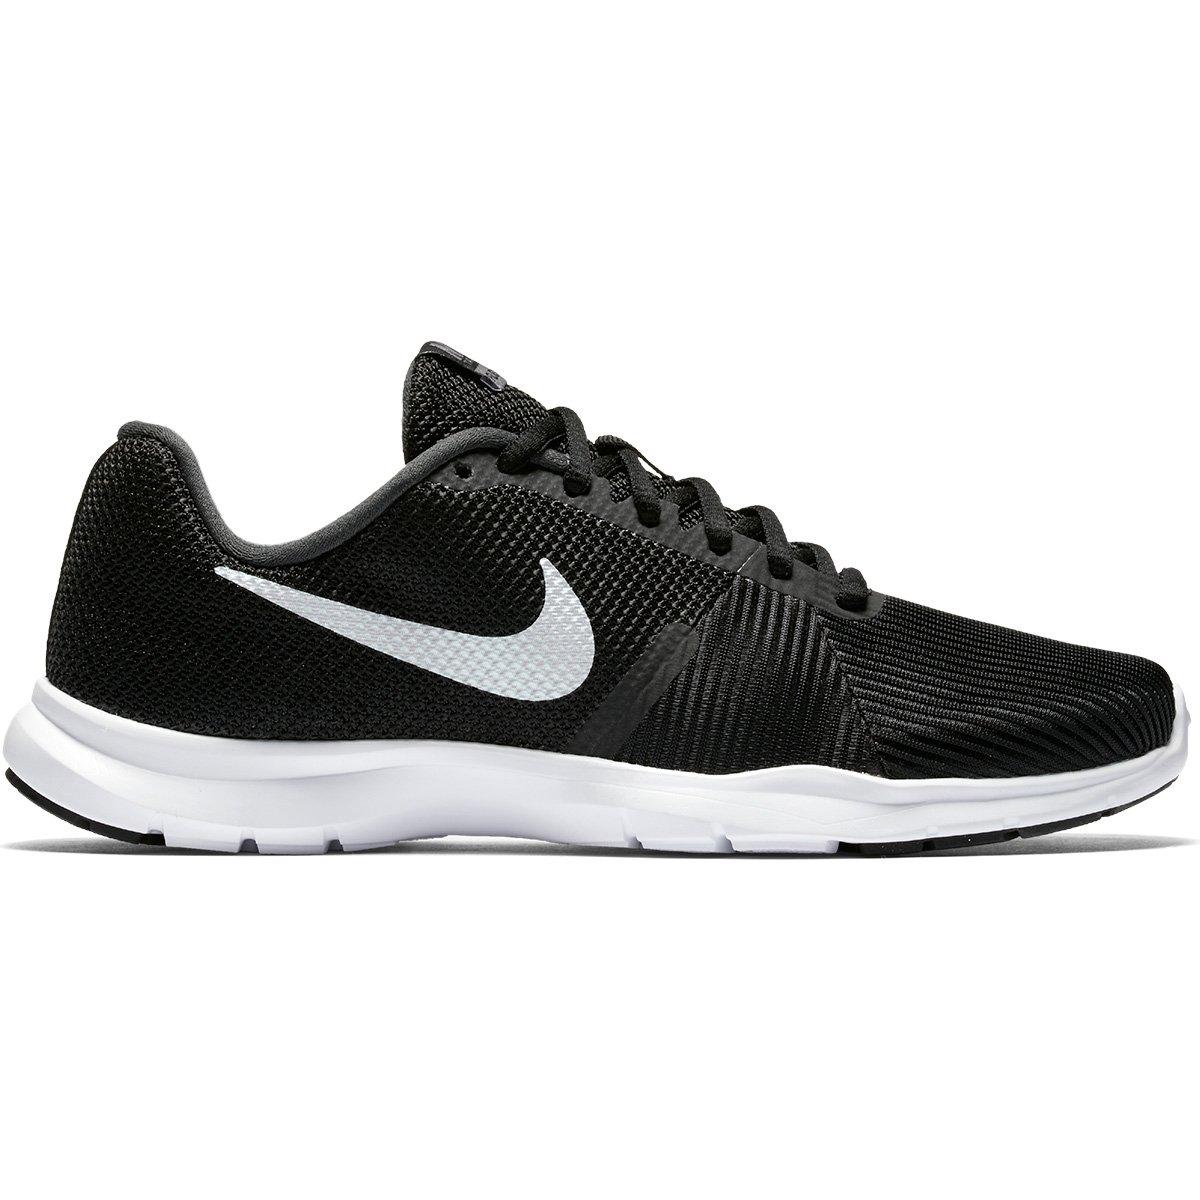 8ec1104cee Tênis Nike Flex Bijoux Feminino - Preto e Branco - Compre Agora ...